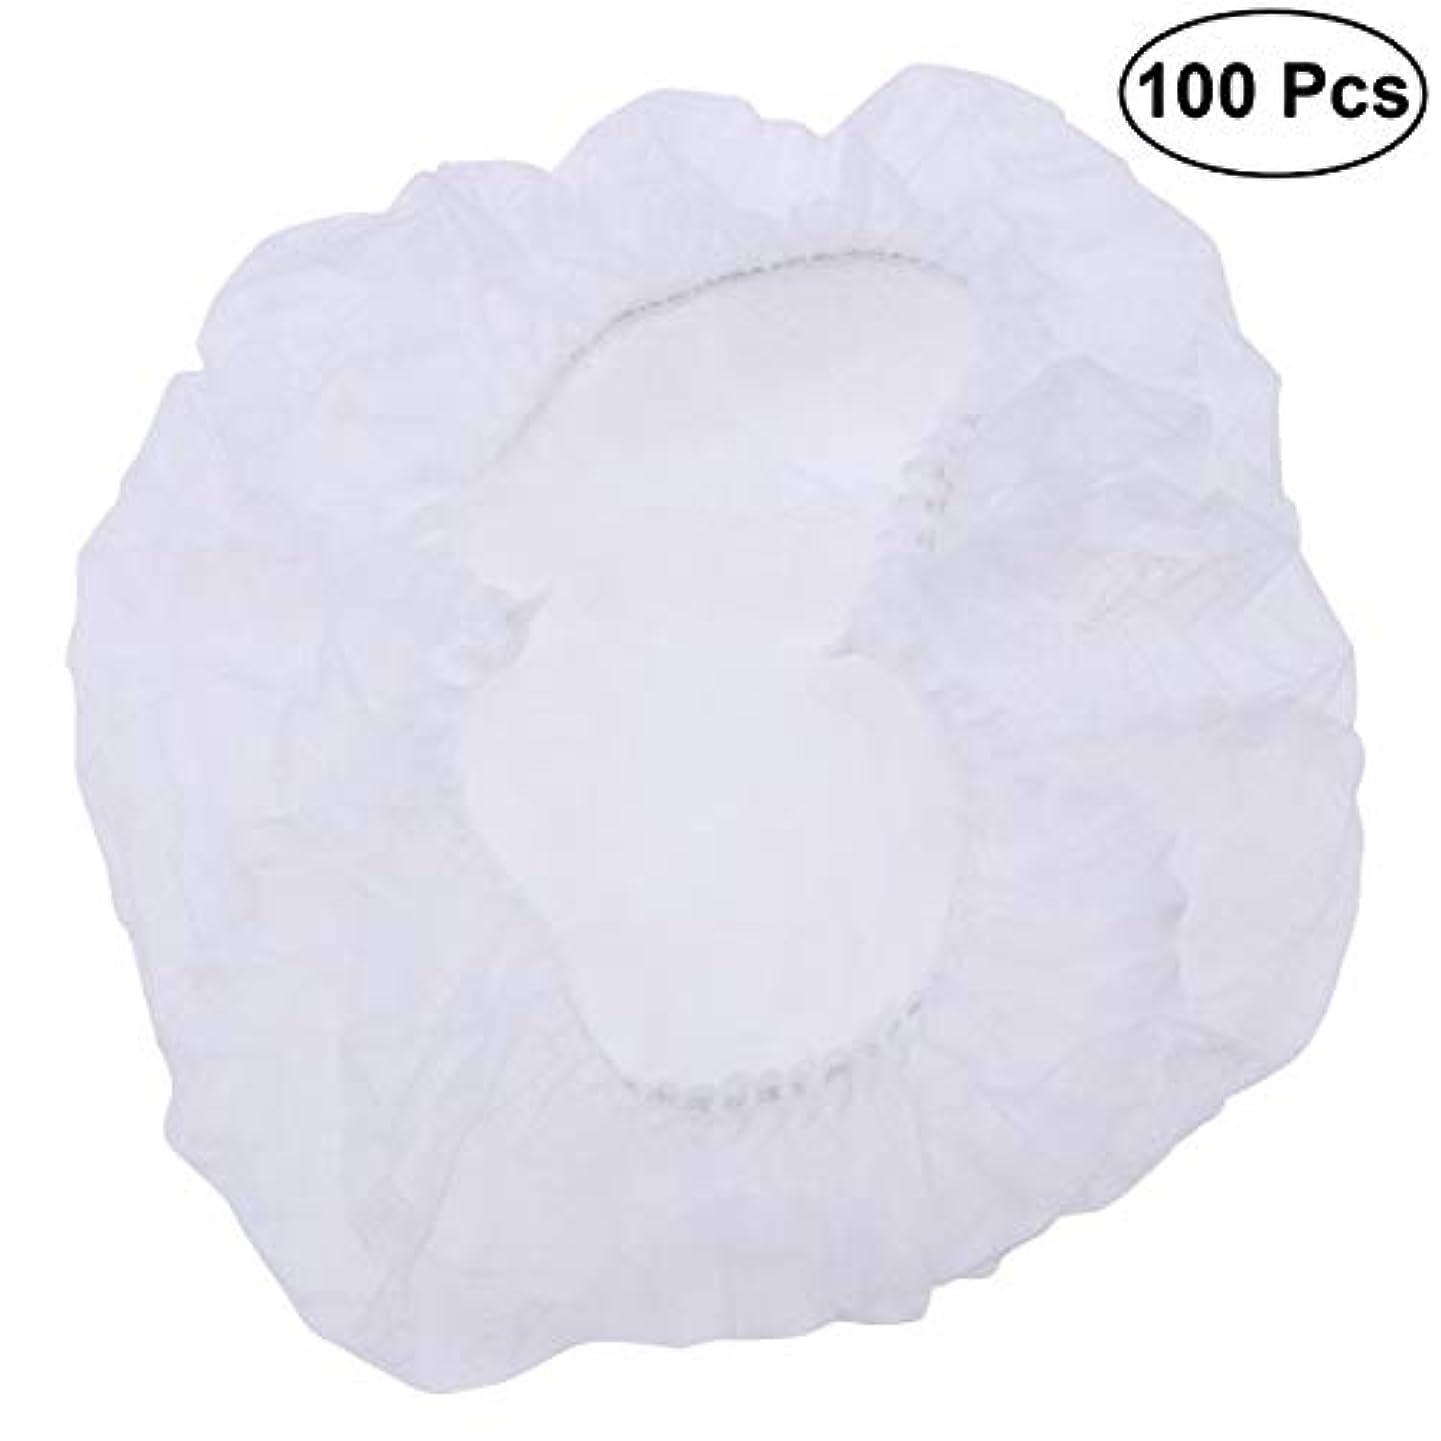 ベスト自由勝利SUPVOX ヘアサロンの家のホテル100pcsのための使い捨て可能なシャワーキャップの伸縮性がある毛の帽子